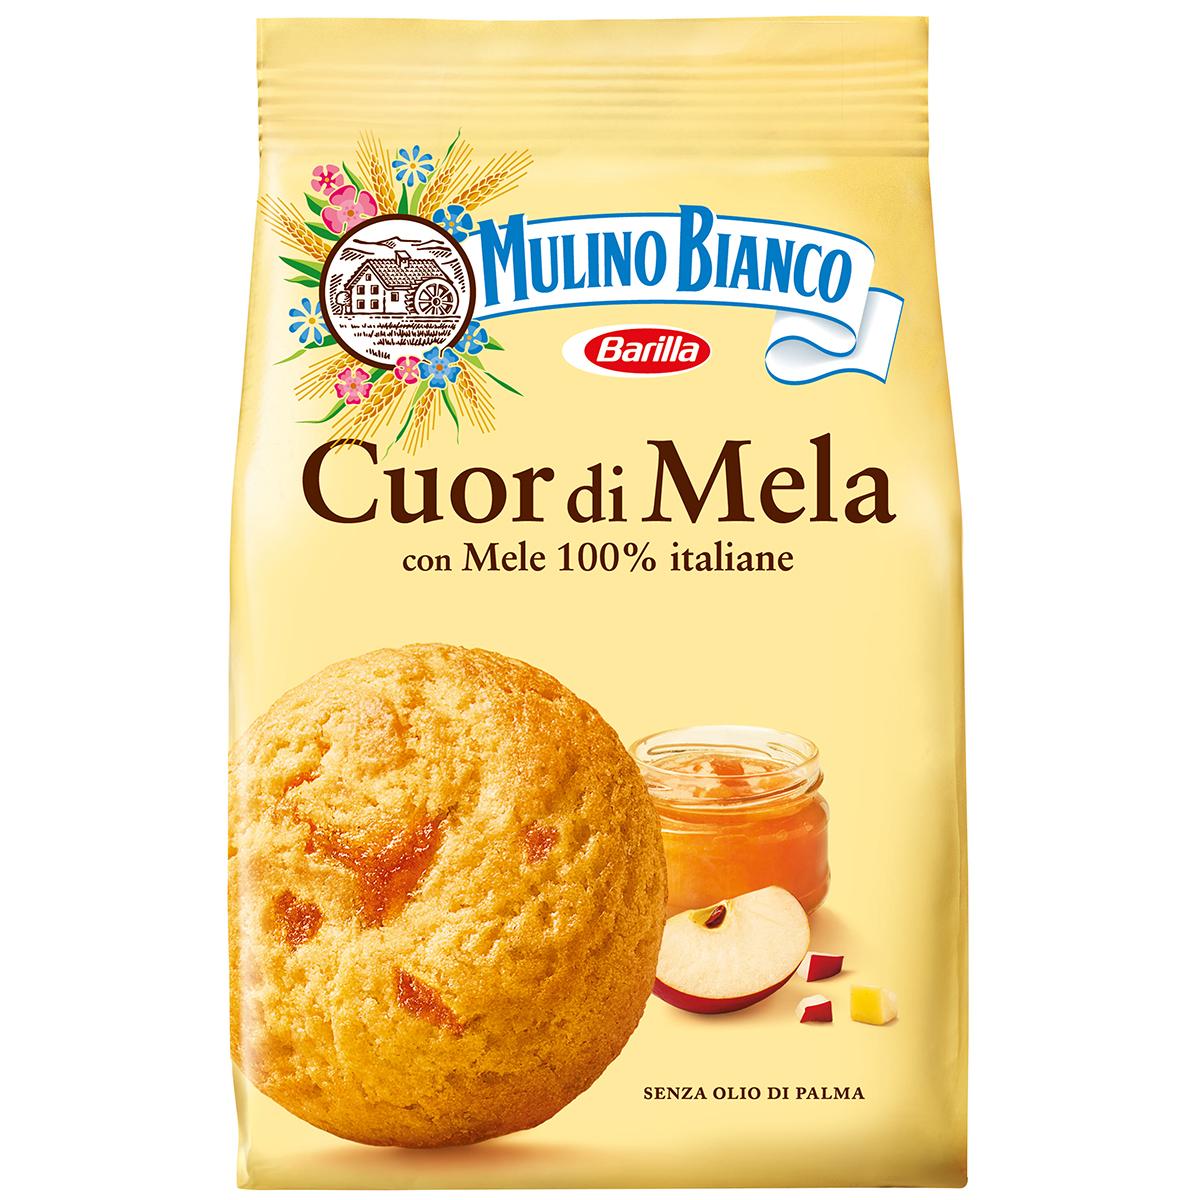 Biscuiti cu gem de mere Cour di mela Mulino Bianco, 250 g imagine